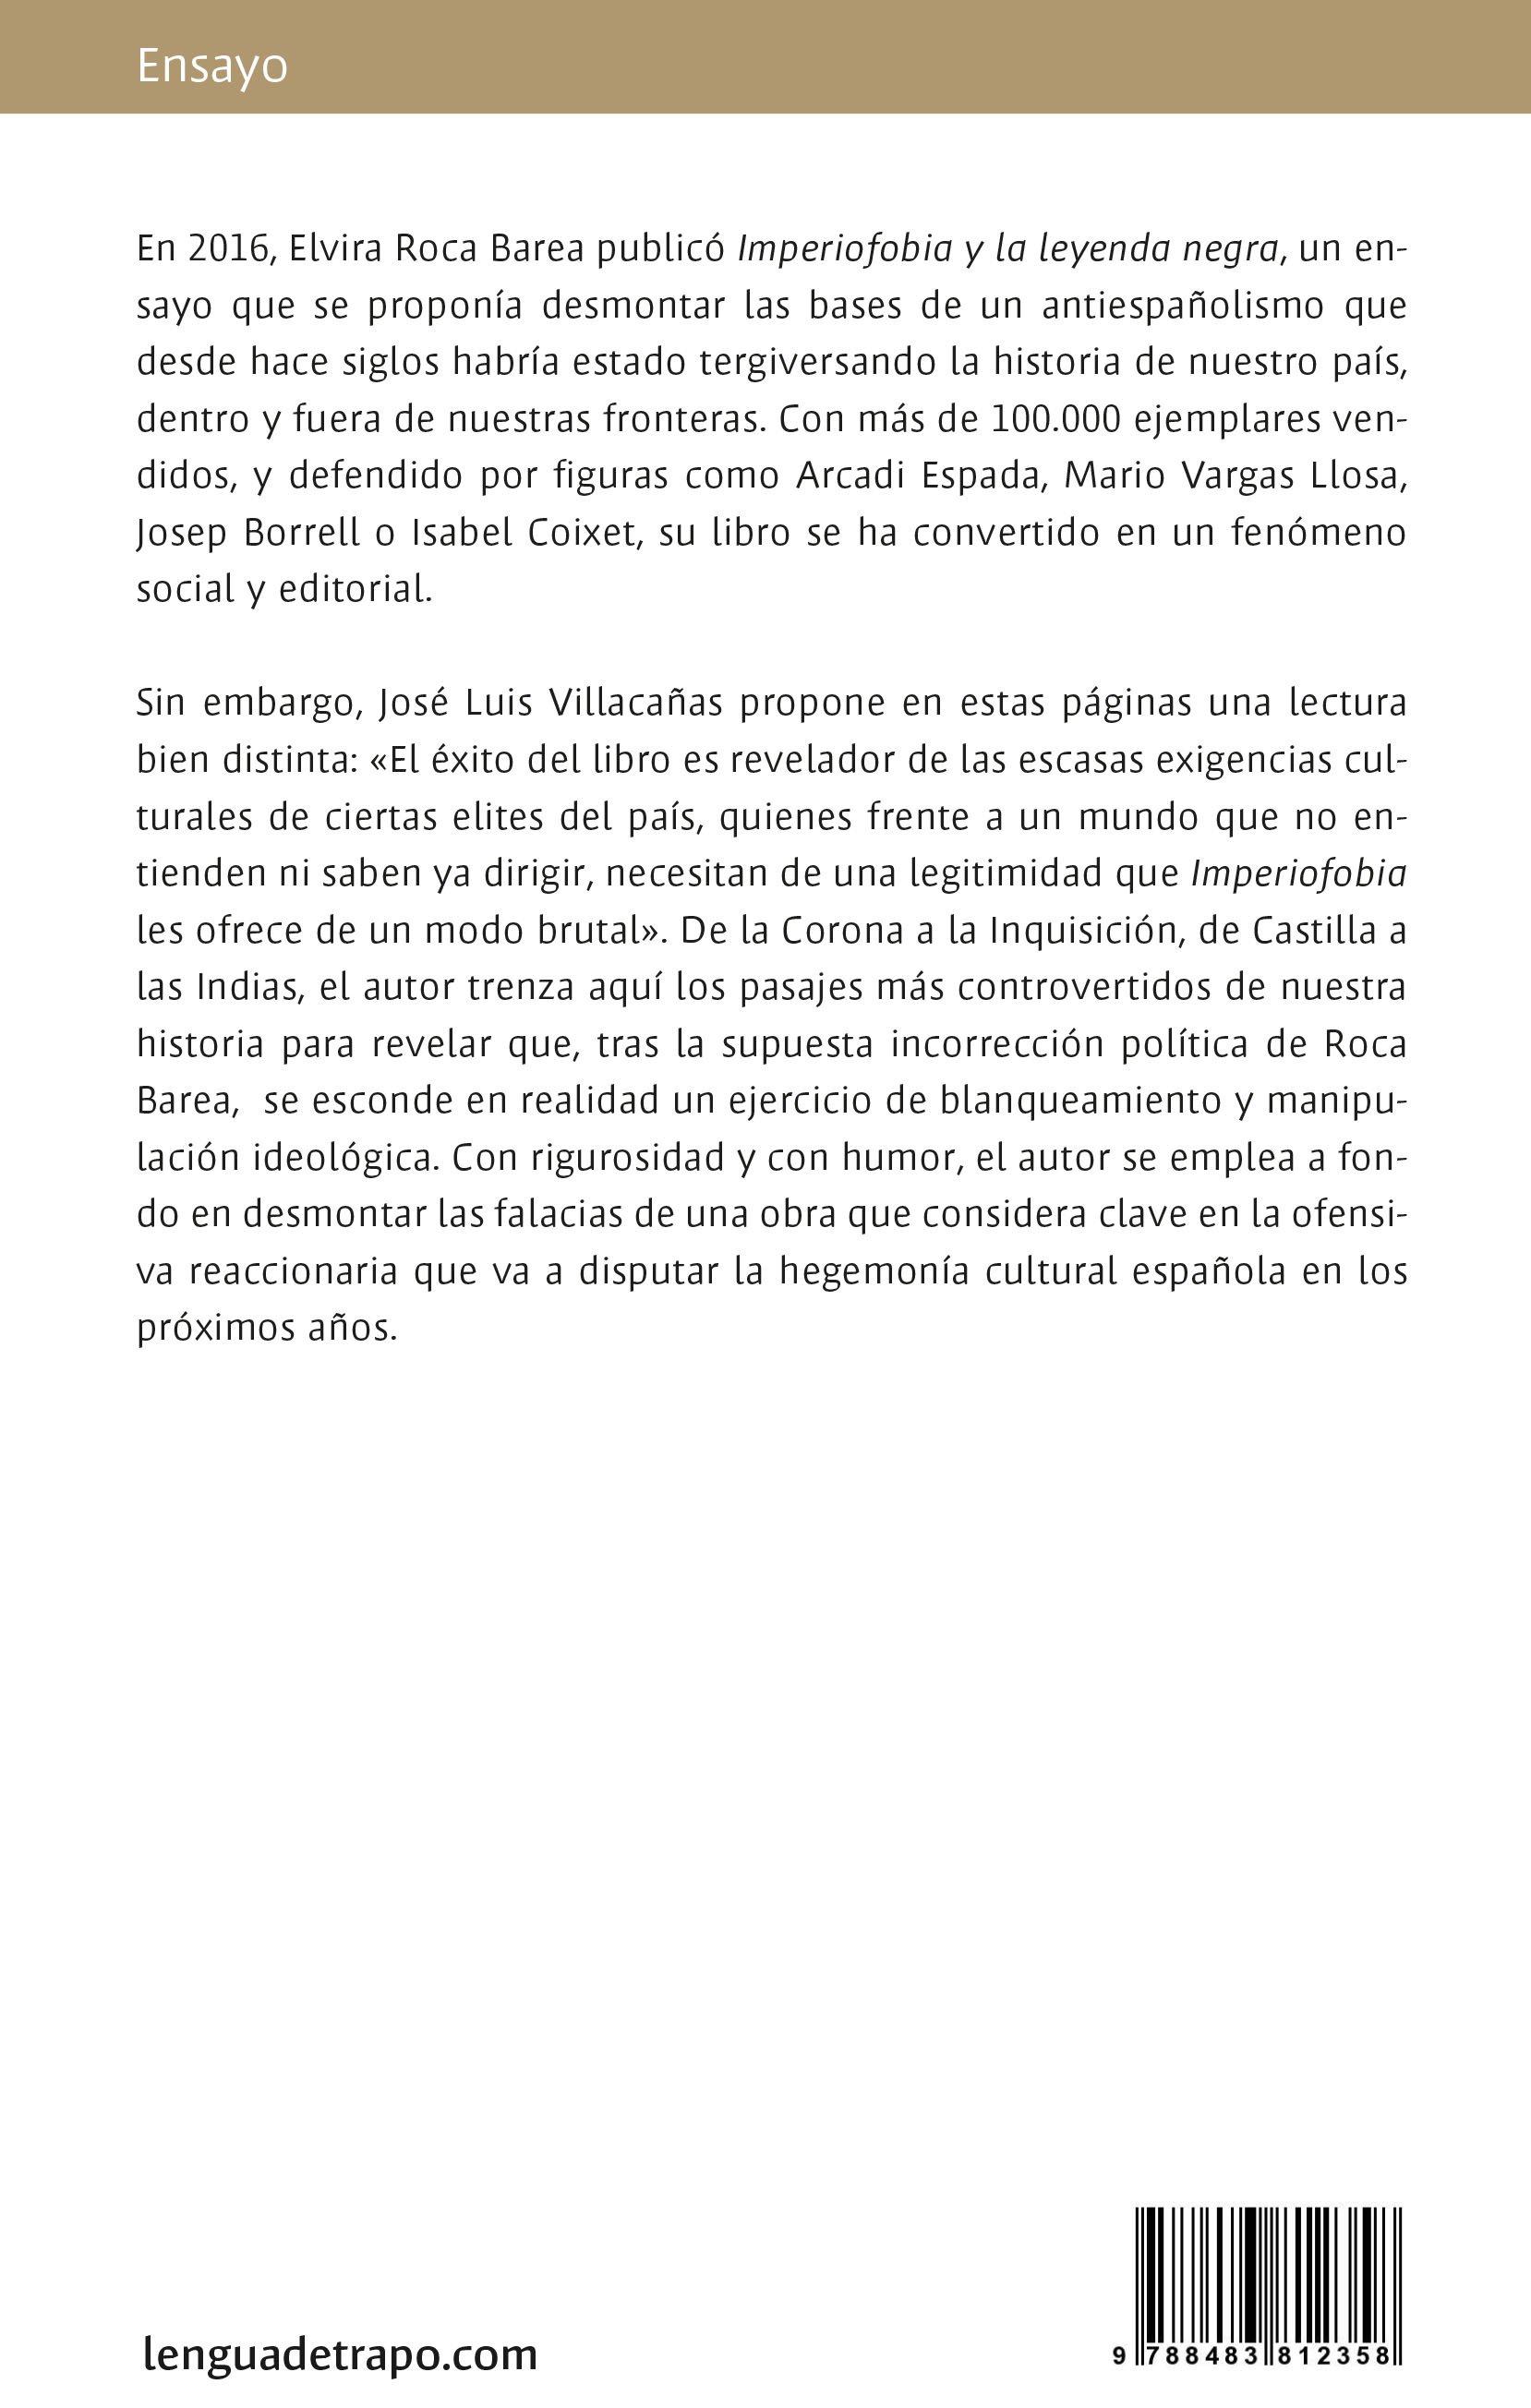 Imperiofilia y el populismo nacional-católico. José Luis Villacañas.  Desmontando Imperiofobia, el ensayo español ...